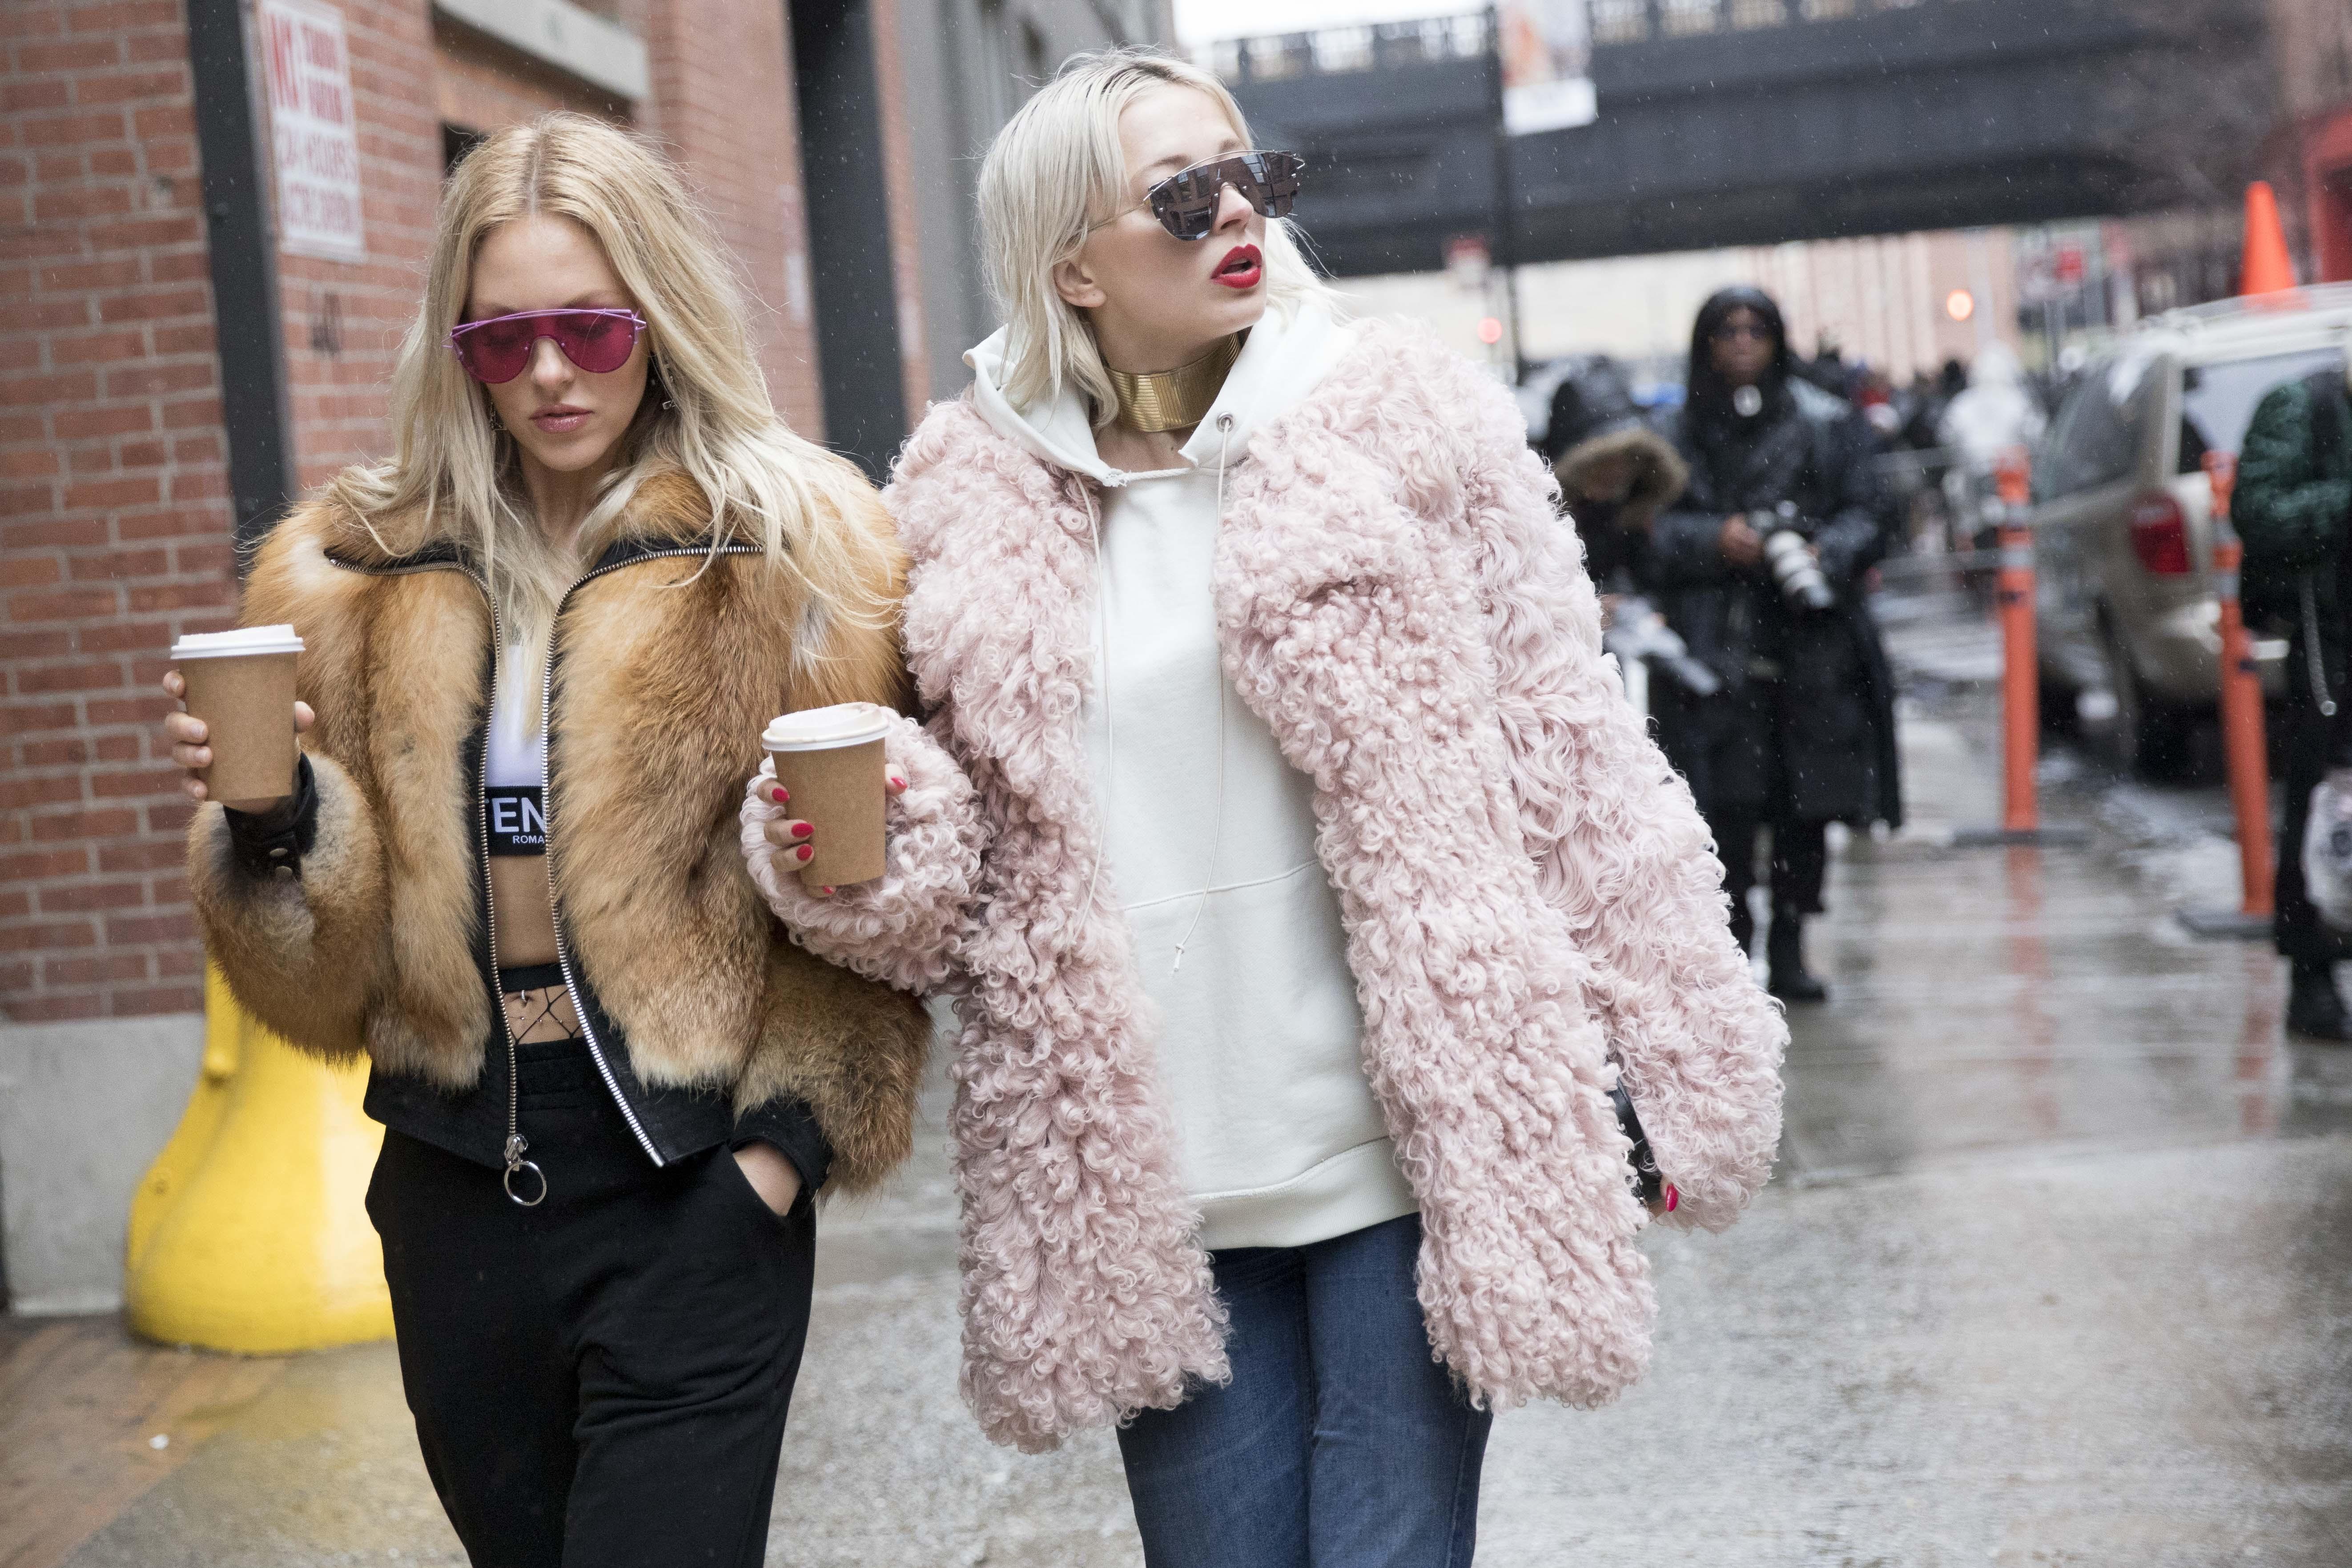 Street style, NYFW, inverno 2018: dia 3 (Foto: Adriano Cisani / What A Street)